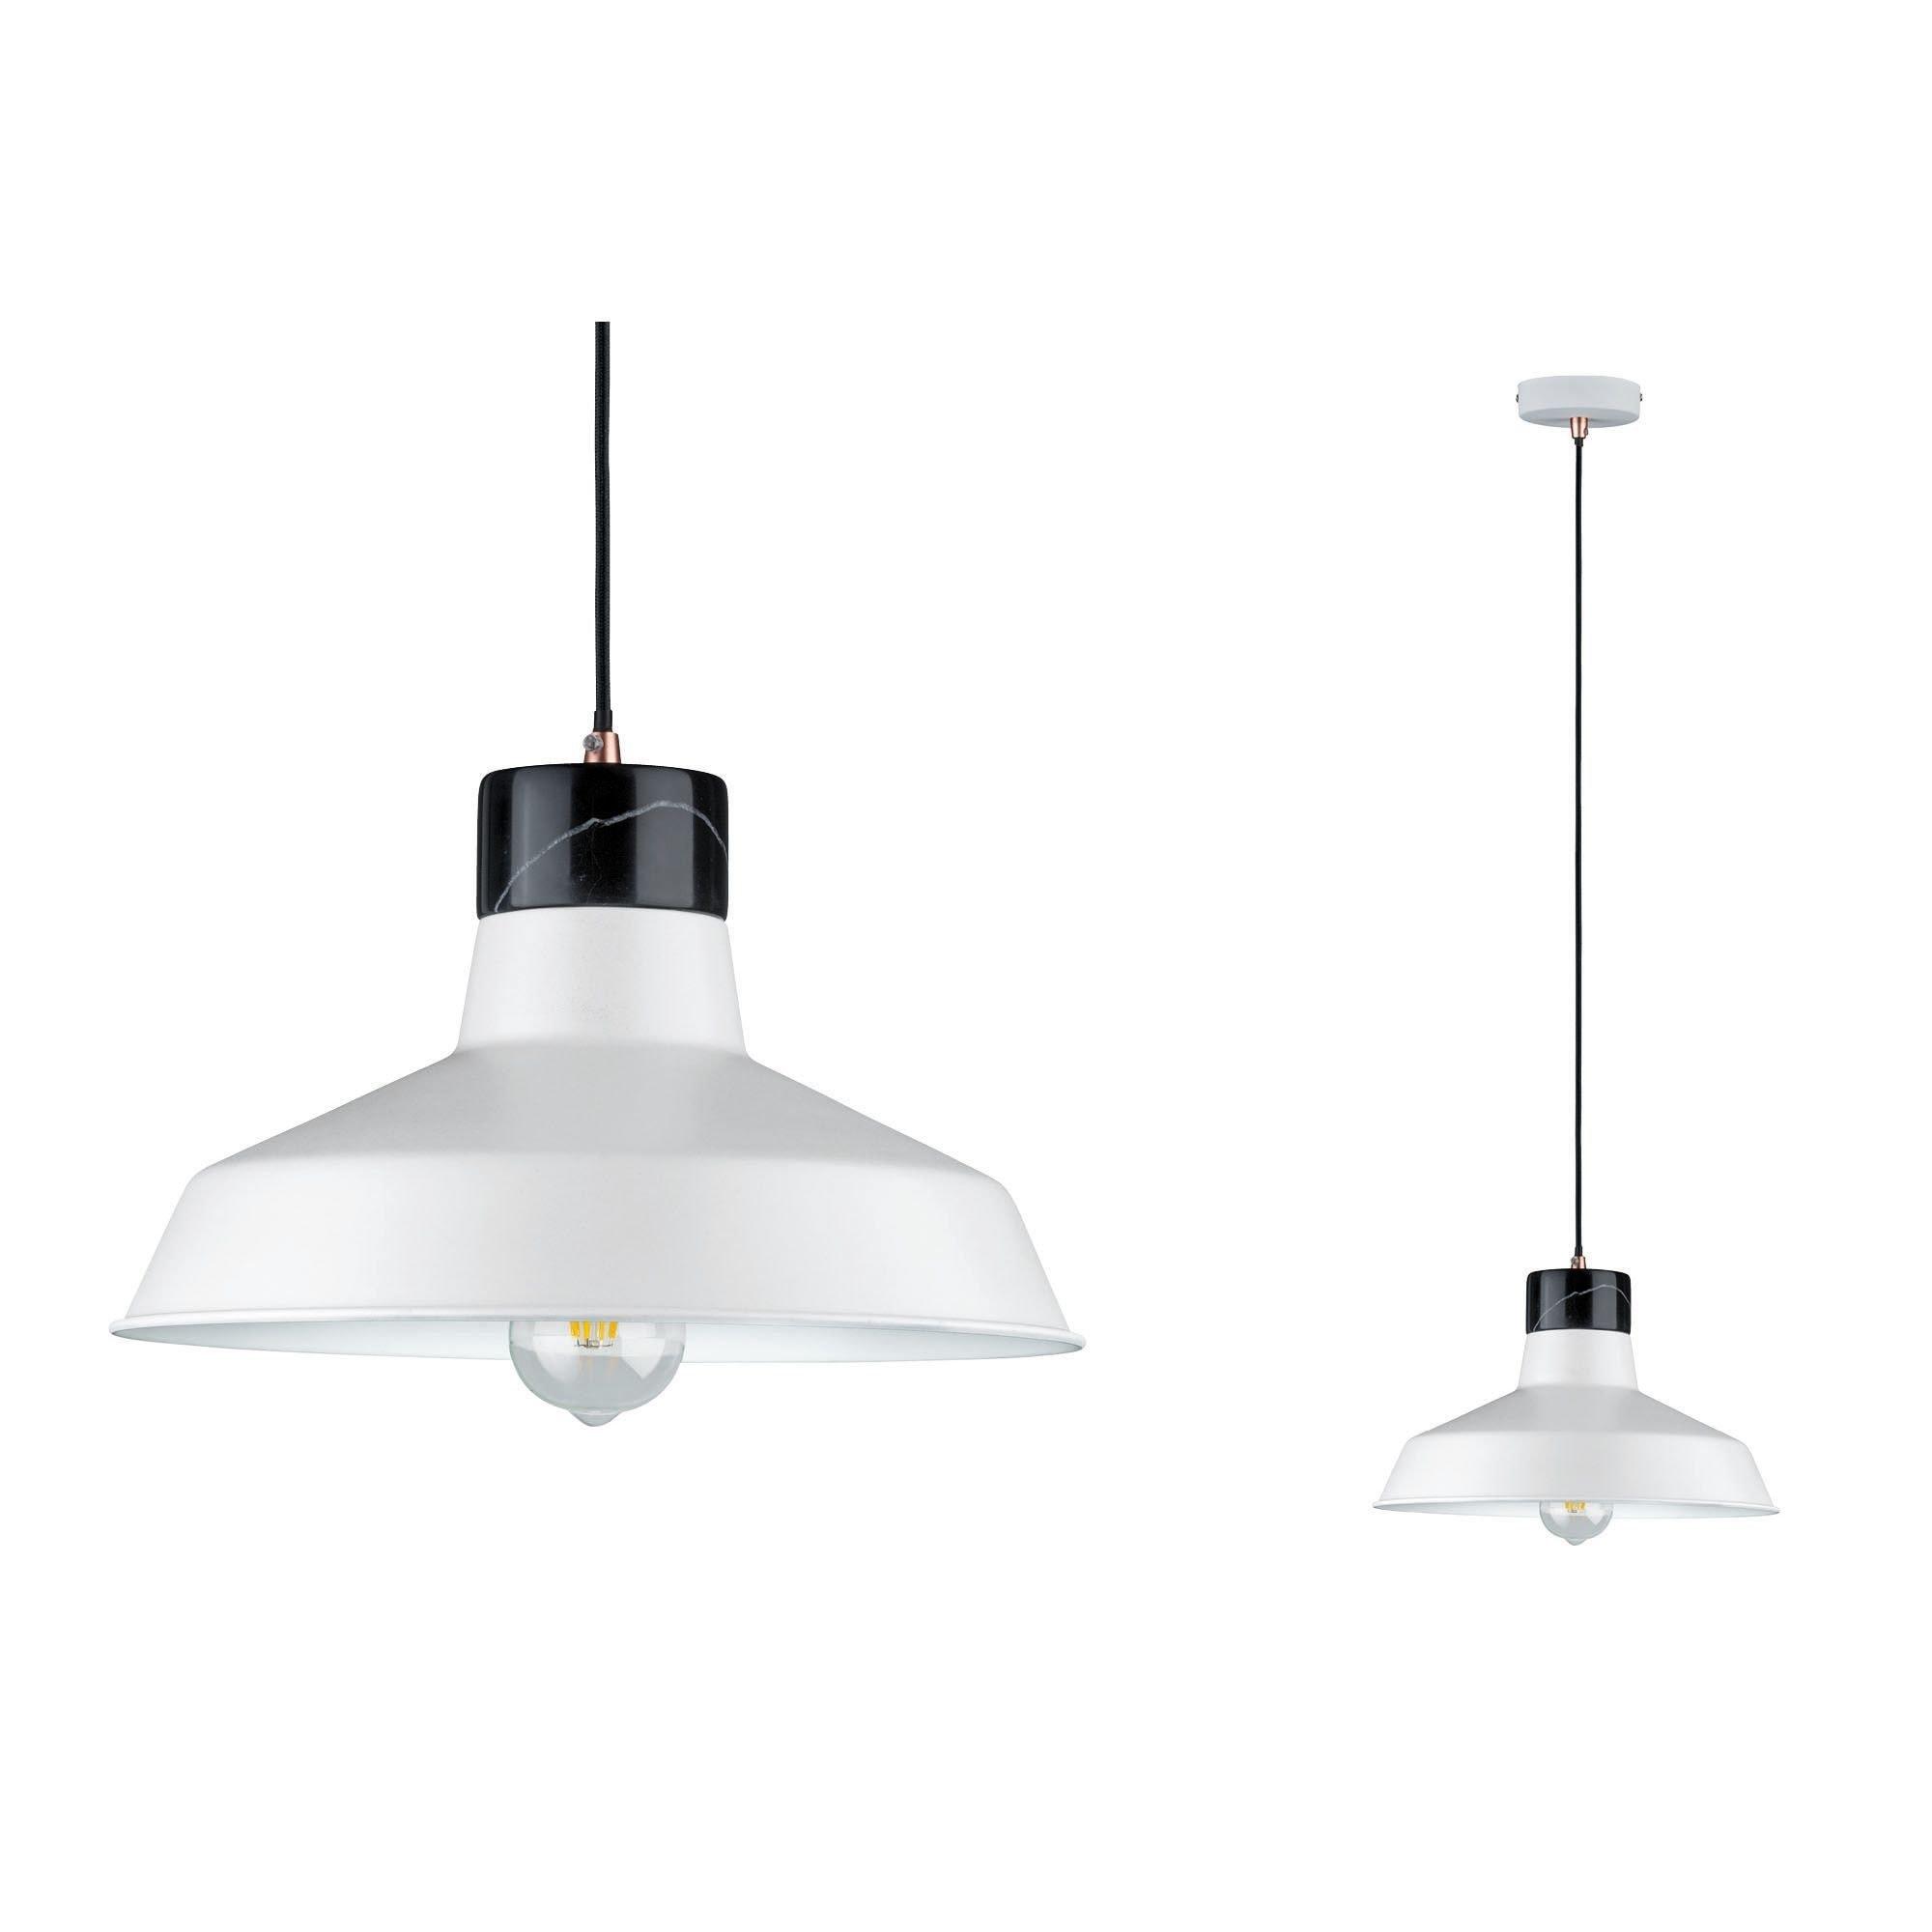 Paulmann LED Pendelleuchte Neordic Disa Weiß/Schwarz/Marmor, E27, 1 St.